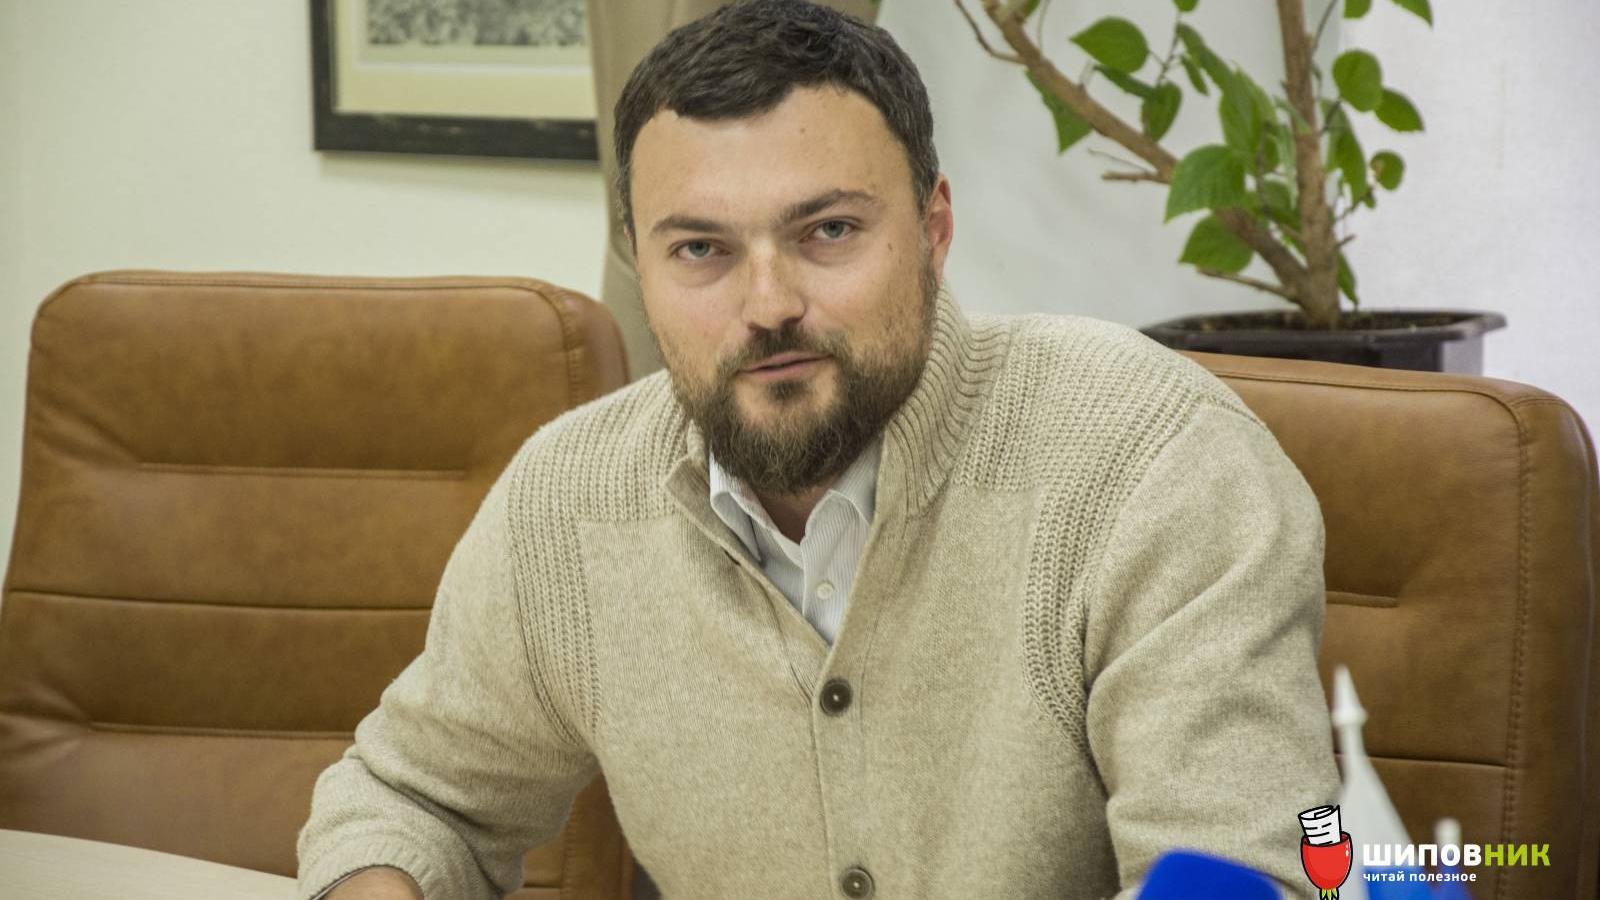 Дятлов пригрозил озвучить фамилии чиновников, которые «затягивают» вопрос закрытия строительства заправки в Соляных